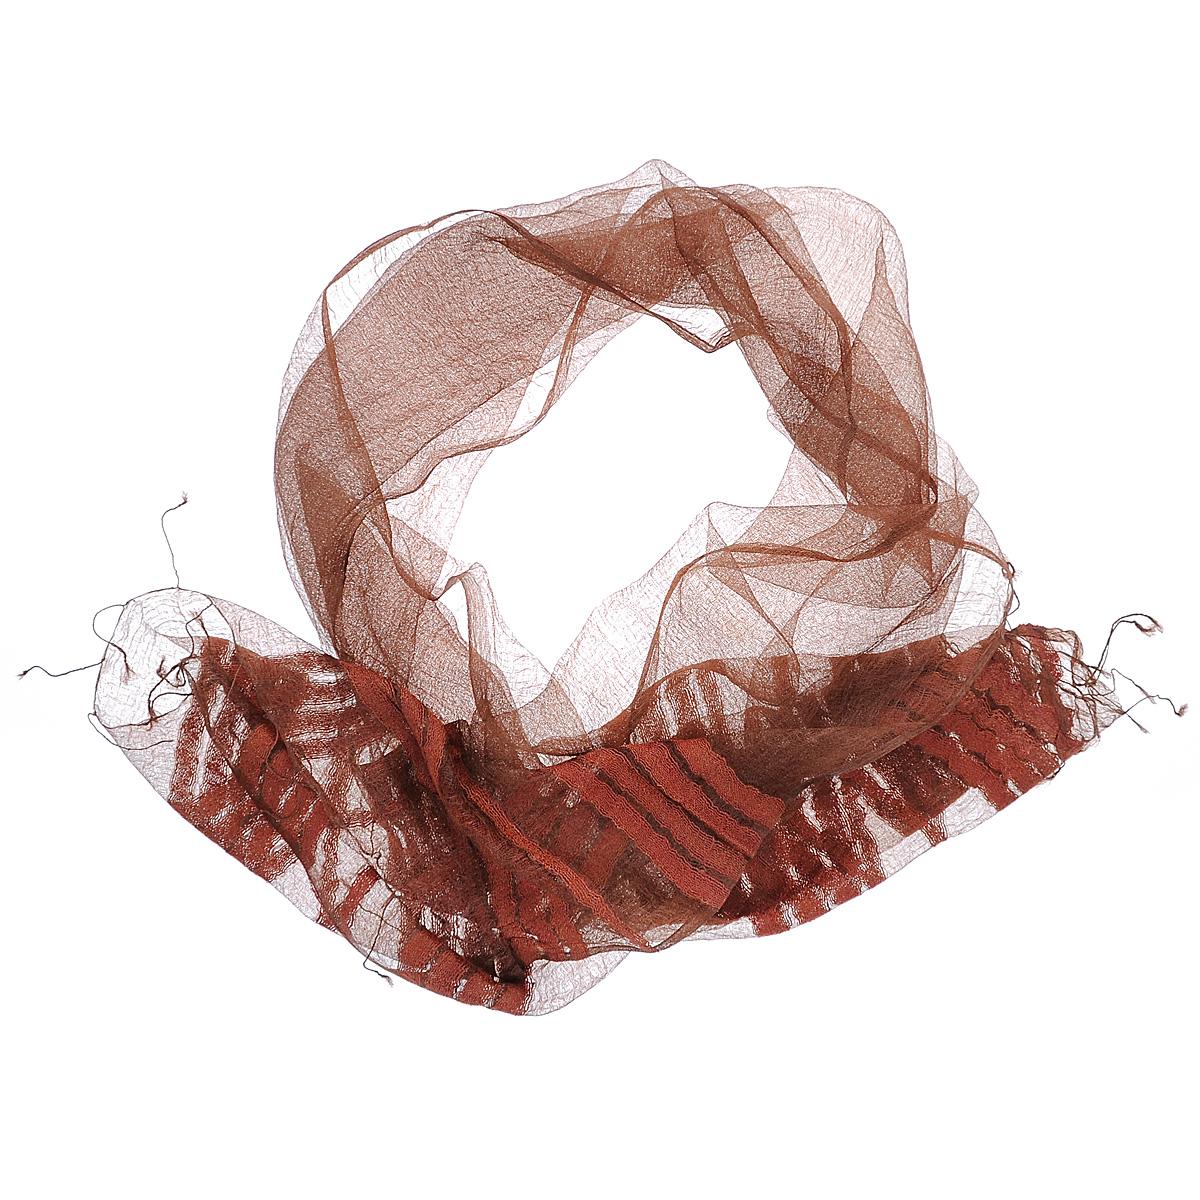 Шарф женский Ethnica, цвет: коричневый. 761125. Размер 60 см х 180 см761125Восхитительный газовый шарф Ethnica выполнен из шелка. Ткань прекрасно драпируется и дарит чувство комфорта. Эта модель, оформленная полоскамии тонкими кисточками по краям, добавит индивидуальности вашему образу. Если вы любите фантазировать и не страшитесь экспериментов с собственным имиджем - попробуйте превратить шарф в головную повязку или легкий аксессуар для дамской сумочки.Правильно подобранный шарф делает образ женщины завершенным! Такой аксессуар достойно дополнит ваш гардероб.